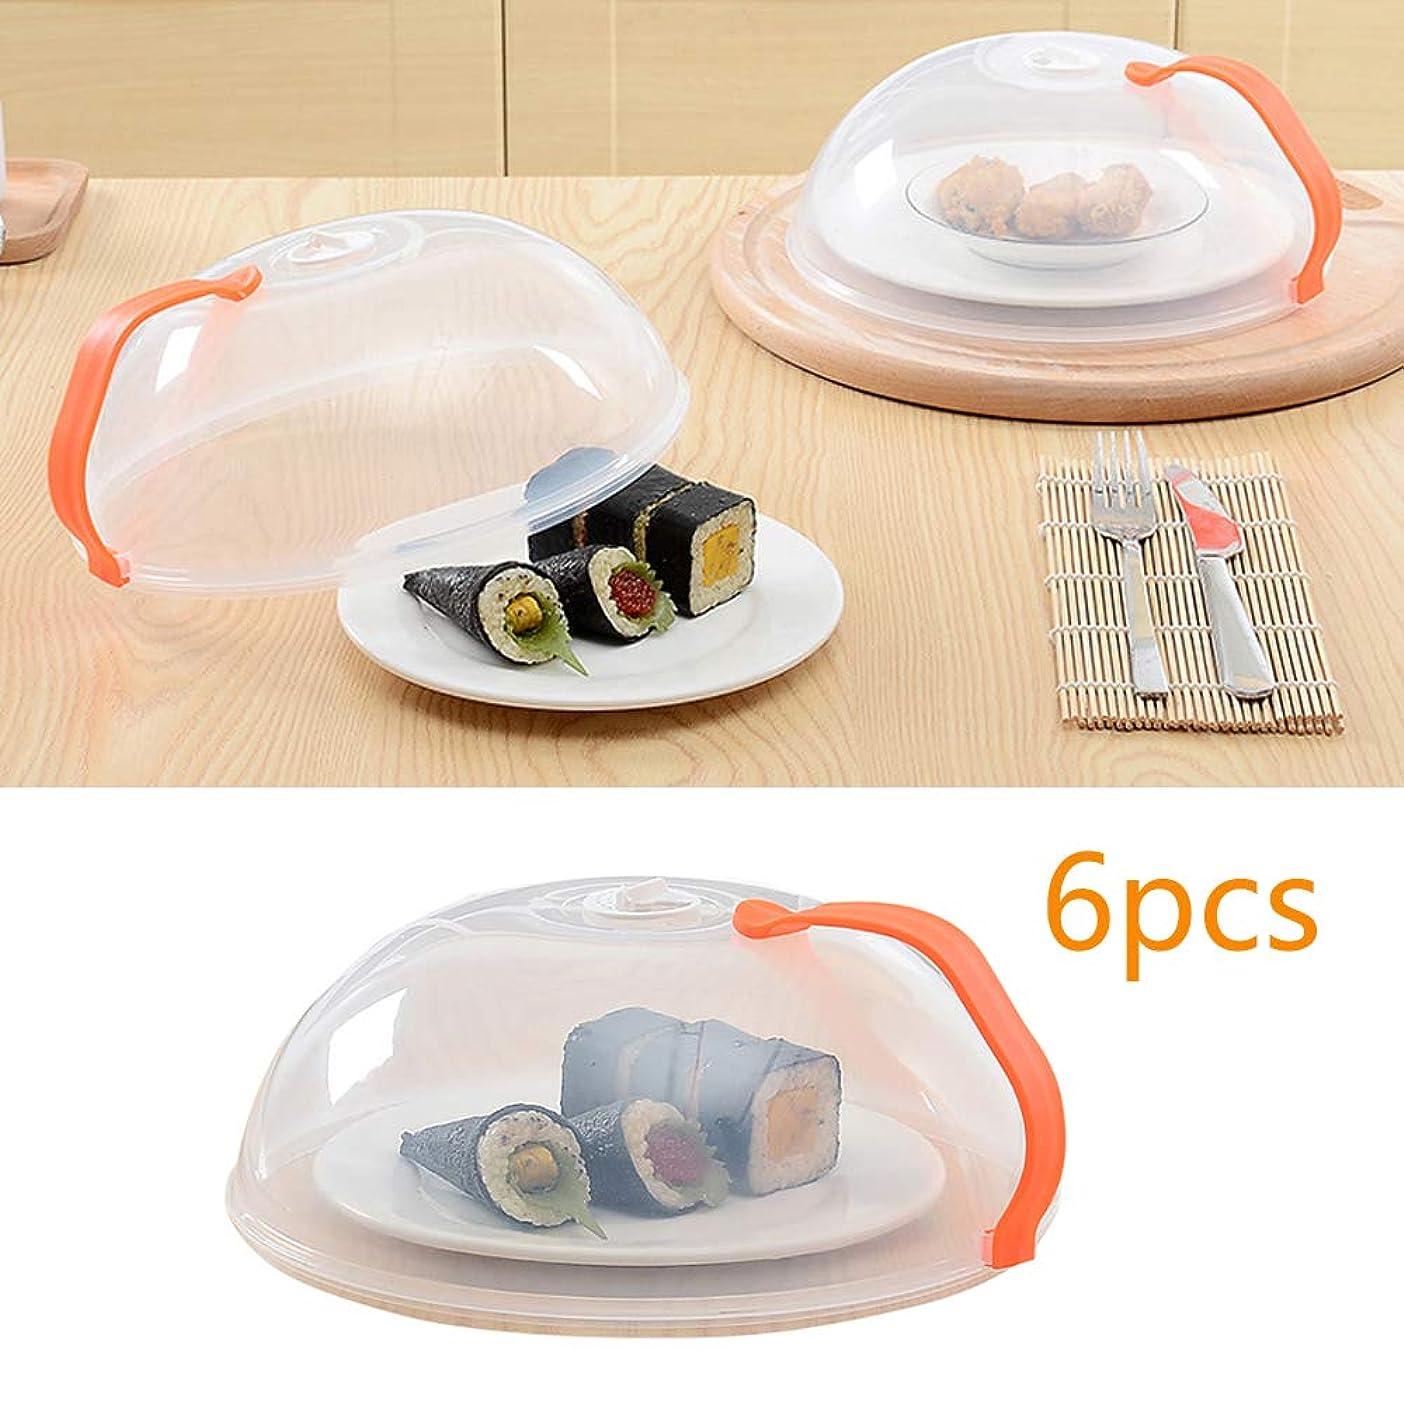 残酷アンケート花輪家庭用電子レンジ透明加熱カバー、キッチン冷蔵庫食品プラスチックシーリングふた付き